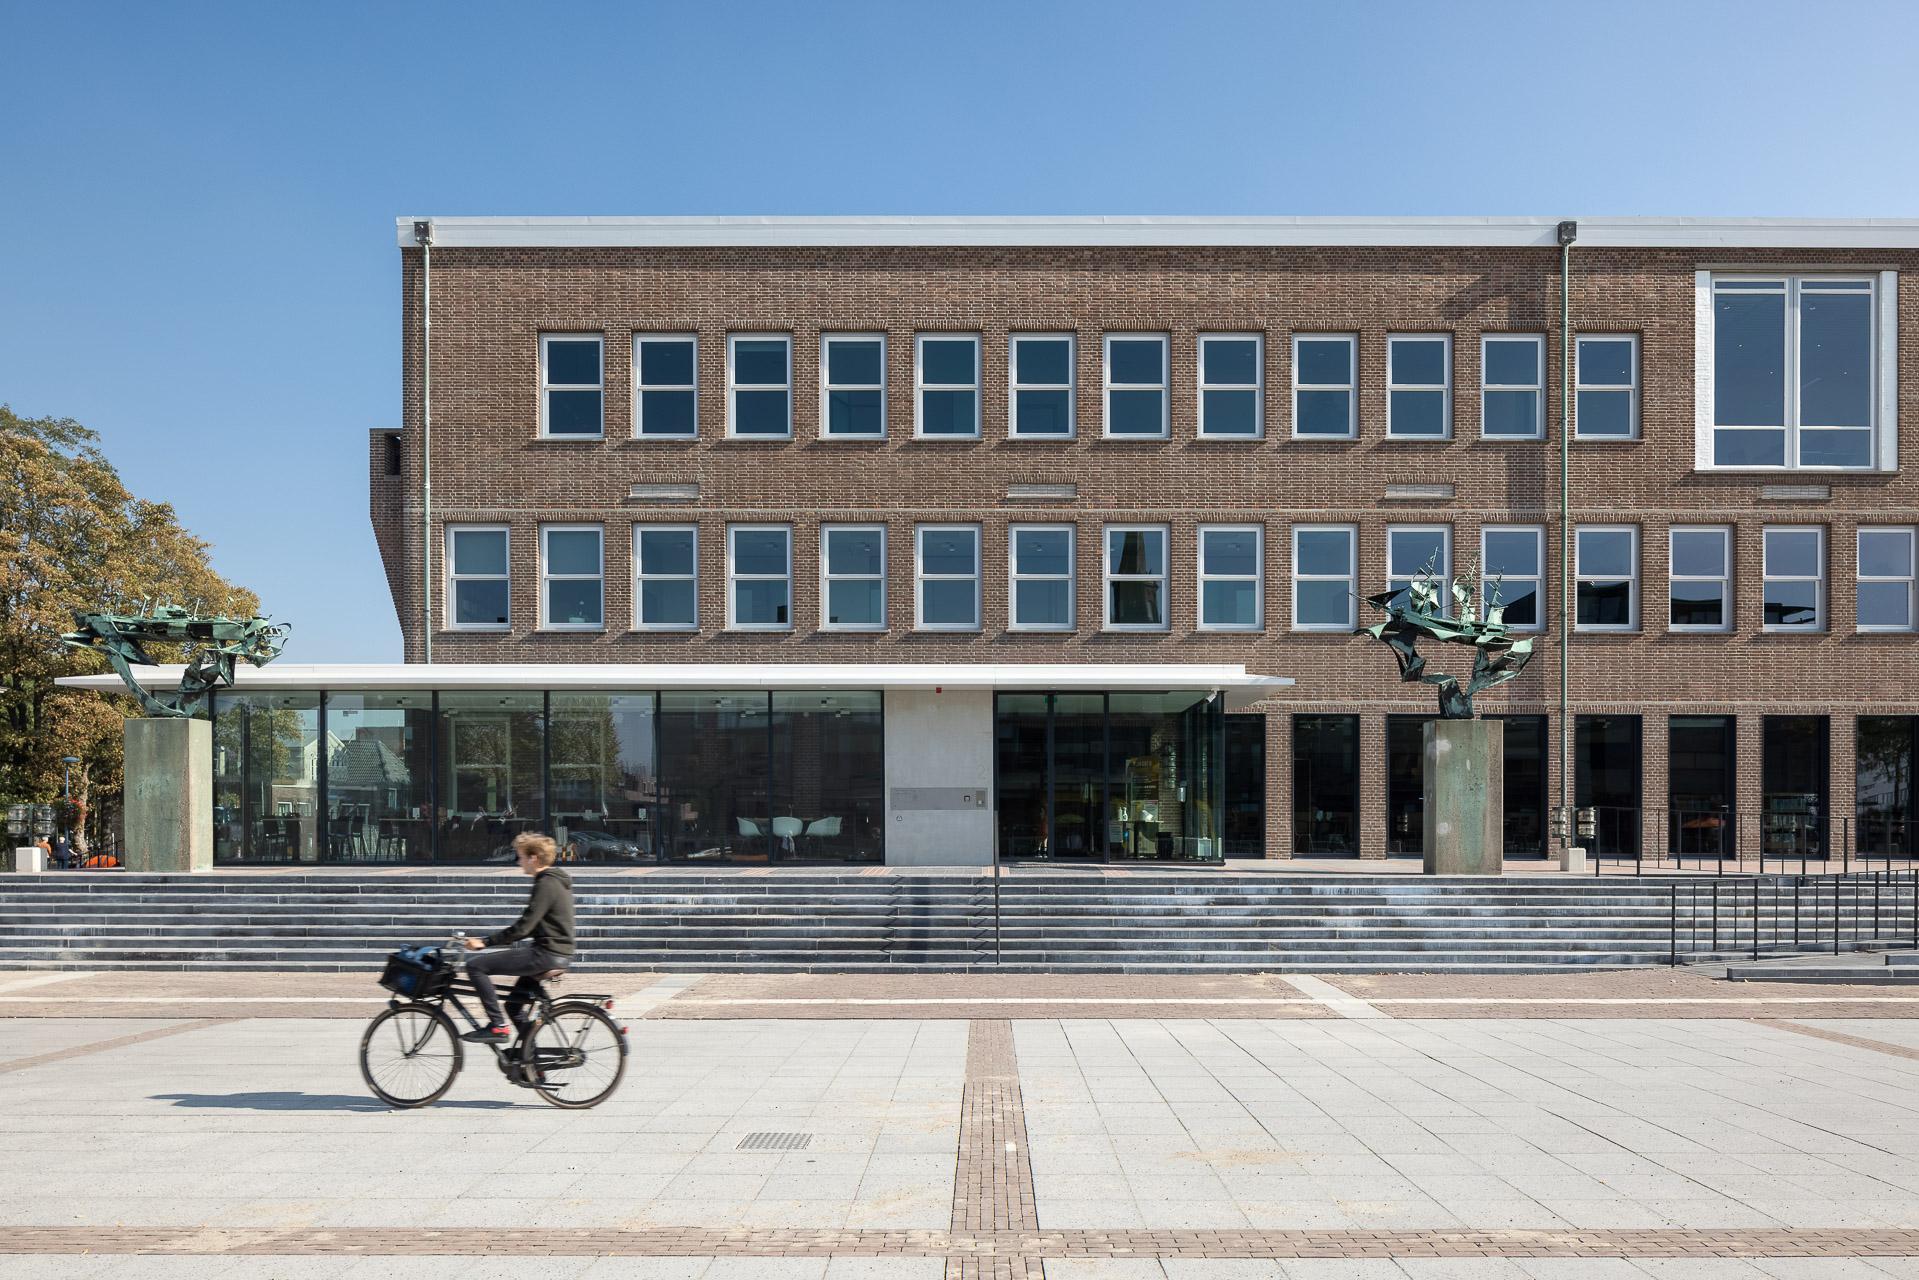 SP2020-Gemeentehuis-Alblasserdam-DP6-Architectuurfoto-interieurfoto-13